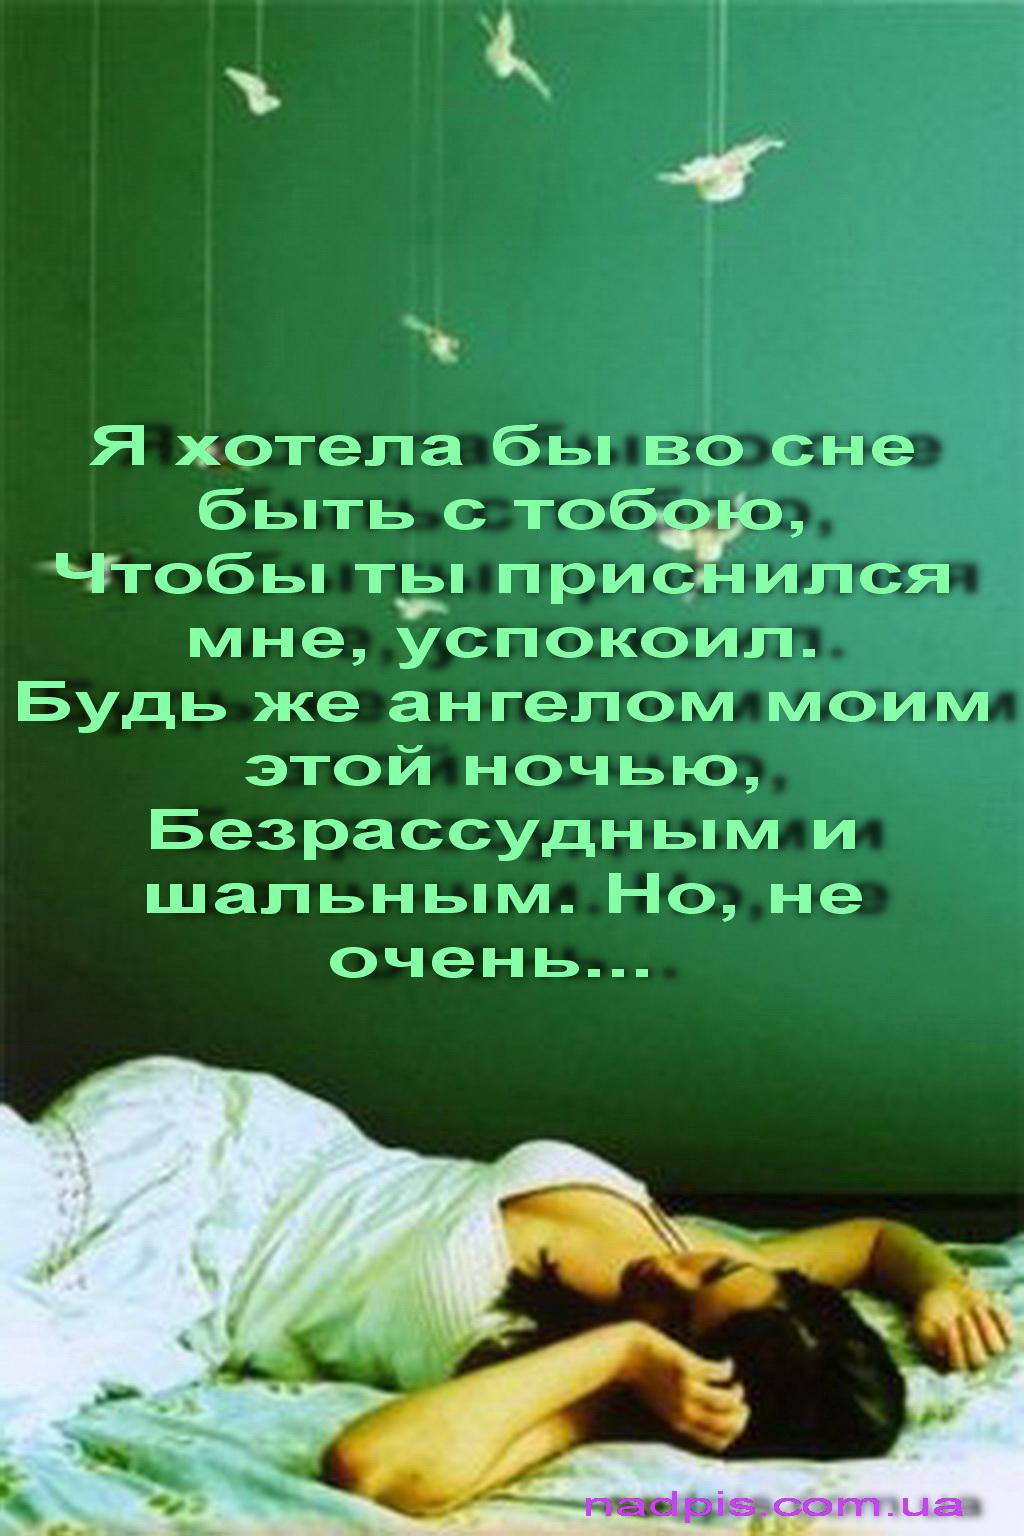 картинки с надписями парню спокойной ночи